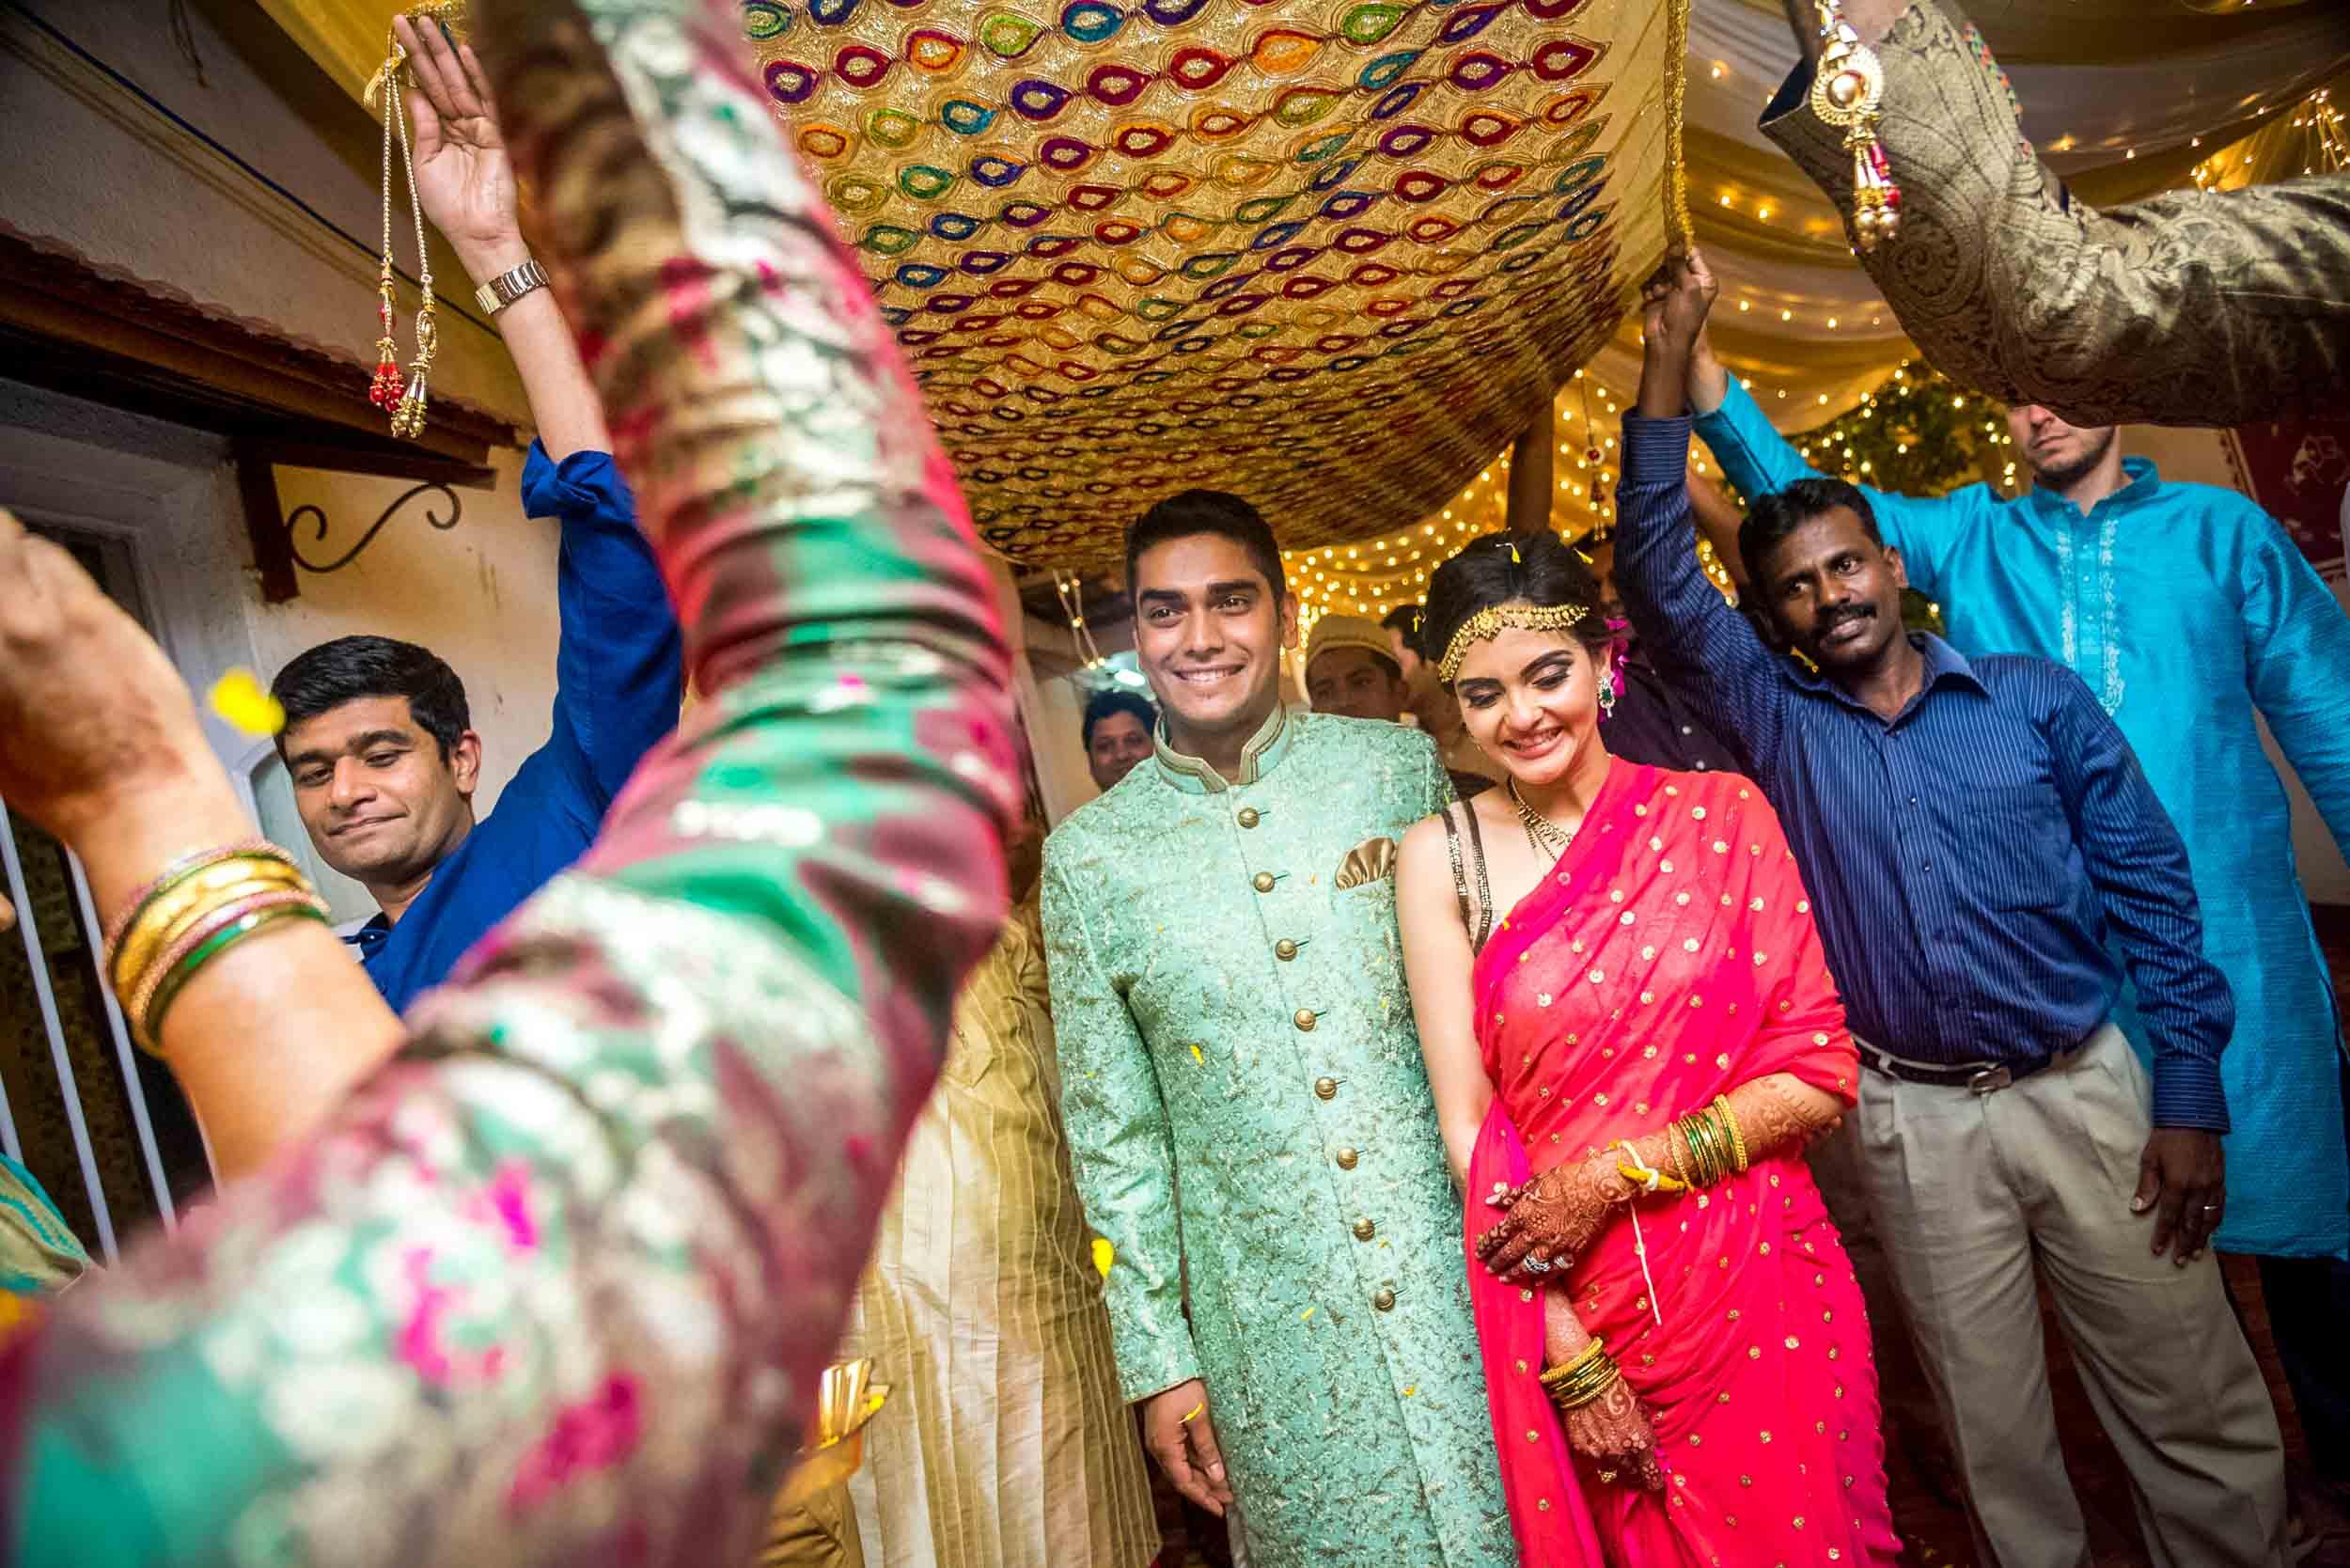 mumbai-pune-wedding-92.jpg